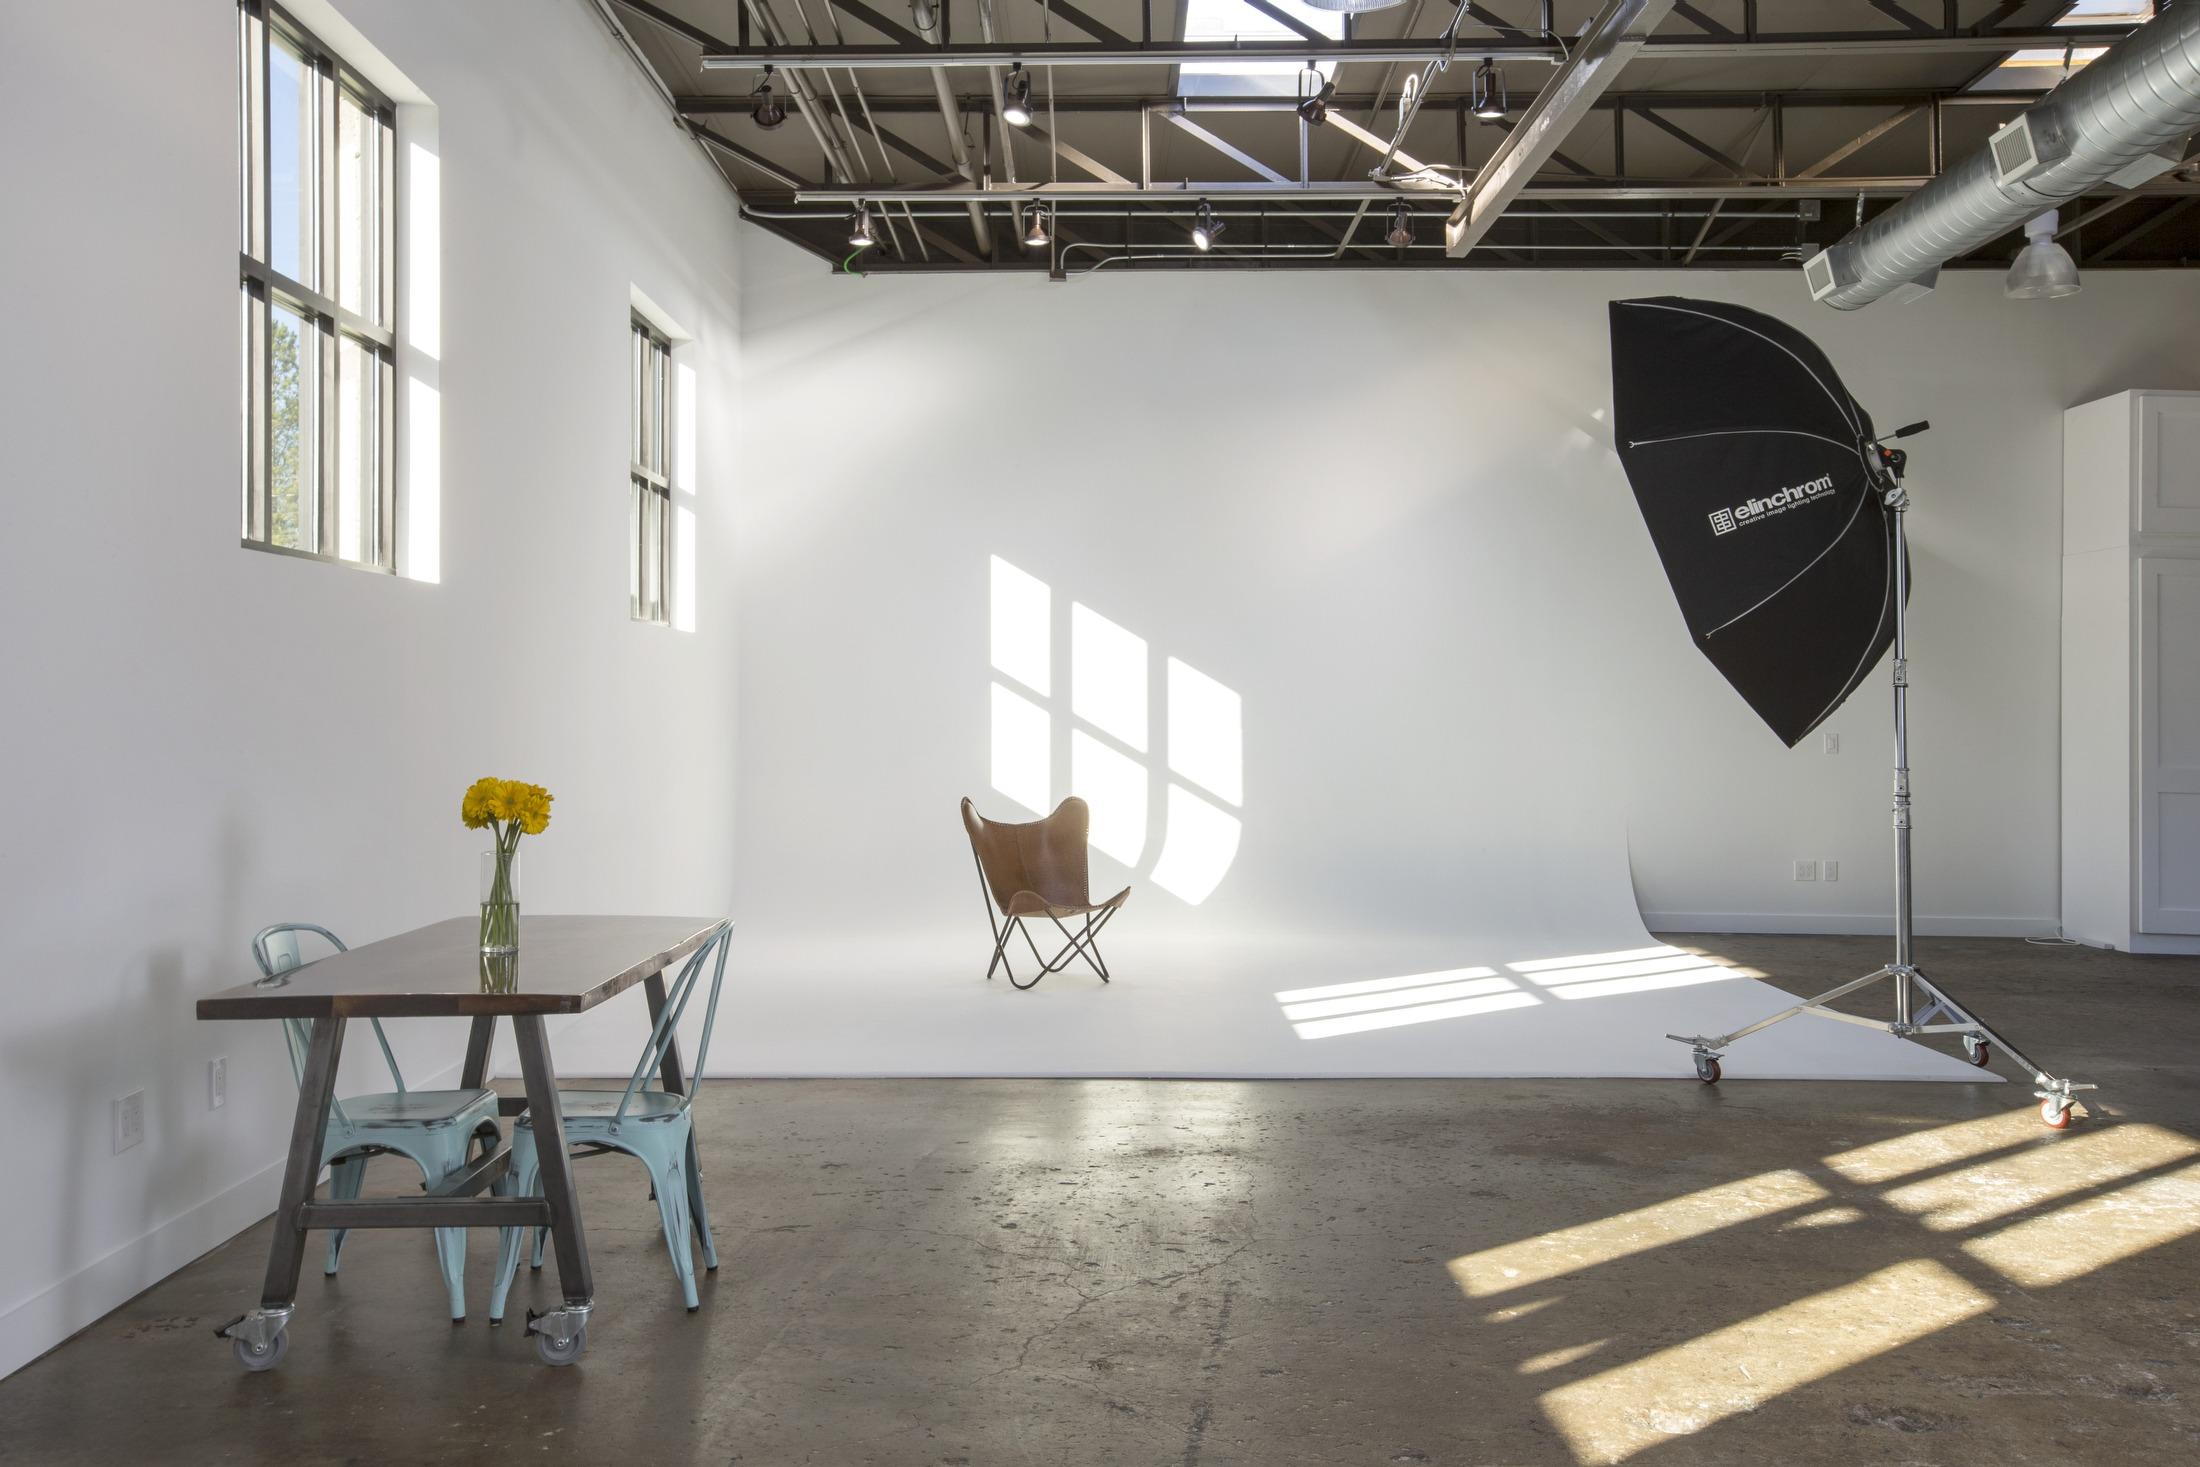 Photo Studio Atlanta, Photo Studio for rent in atlanta. Interior photo of Studio A at Treehouse Studios in Atlanta